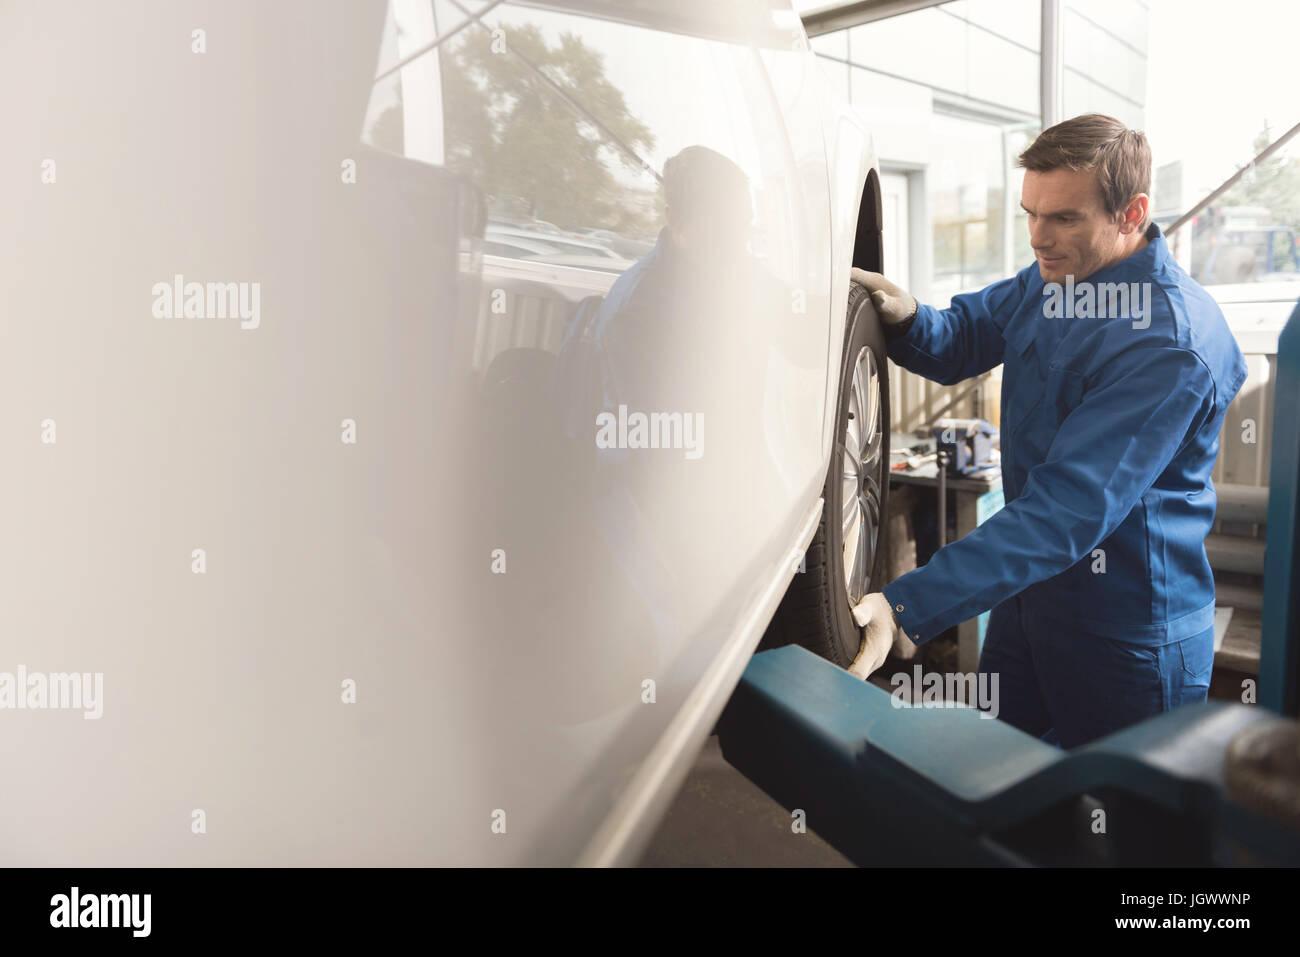 Echter Profi. Zuständigen aufmerksam fleißig Spezialist dafür autos Teilen arbeiten direkt nach der Stockbild